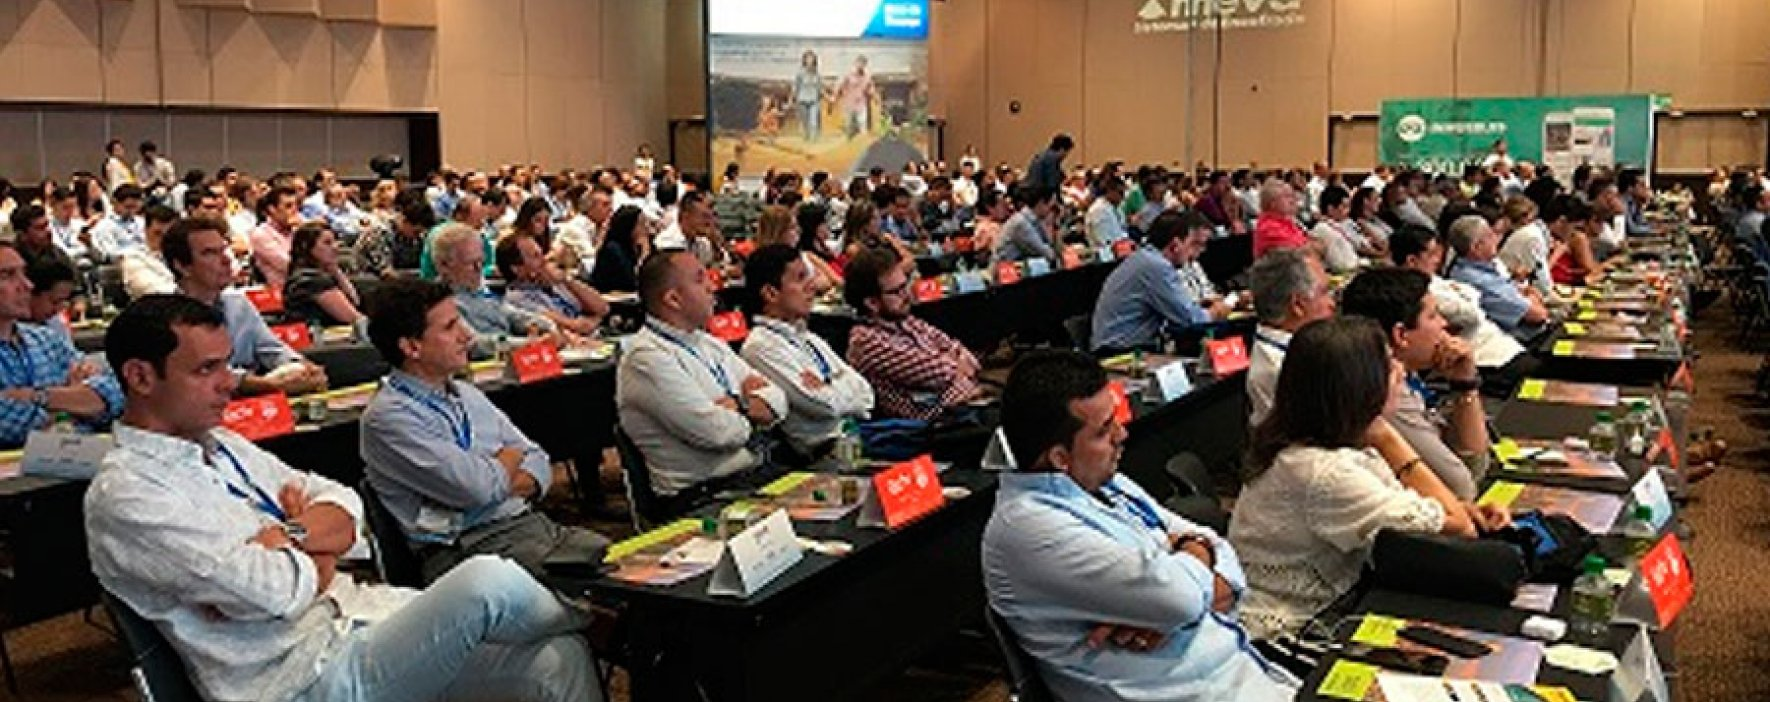 ExpoCamacol 2018, apuesta por la productividad y la innovación en el sector